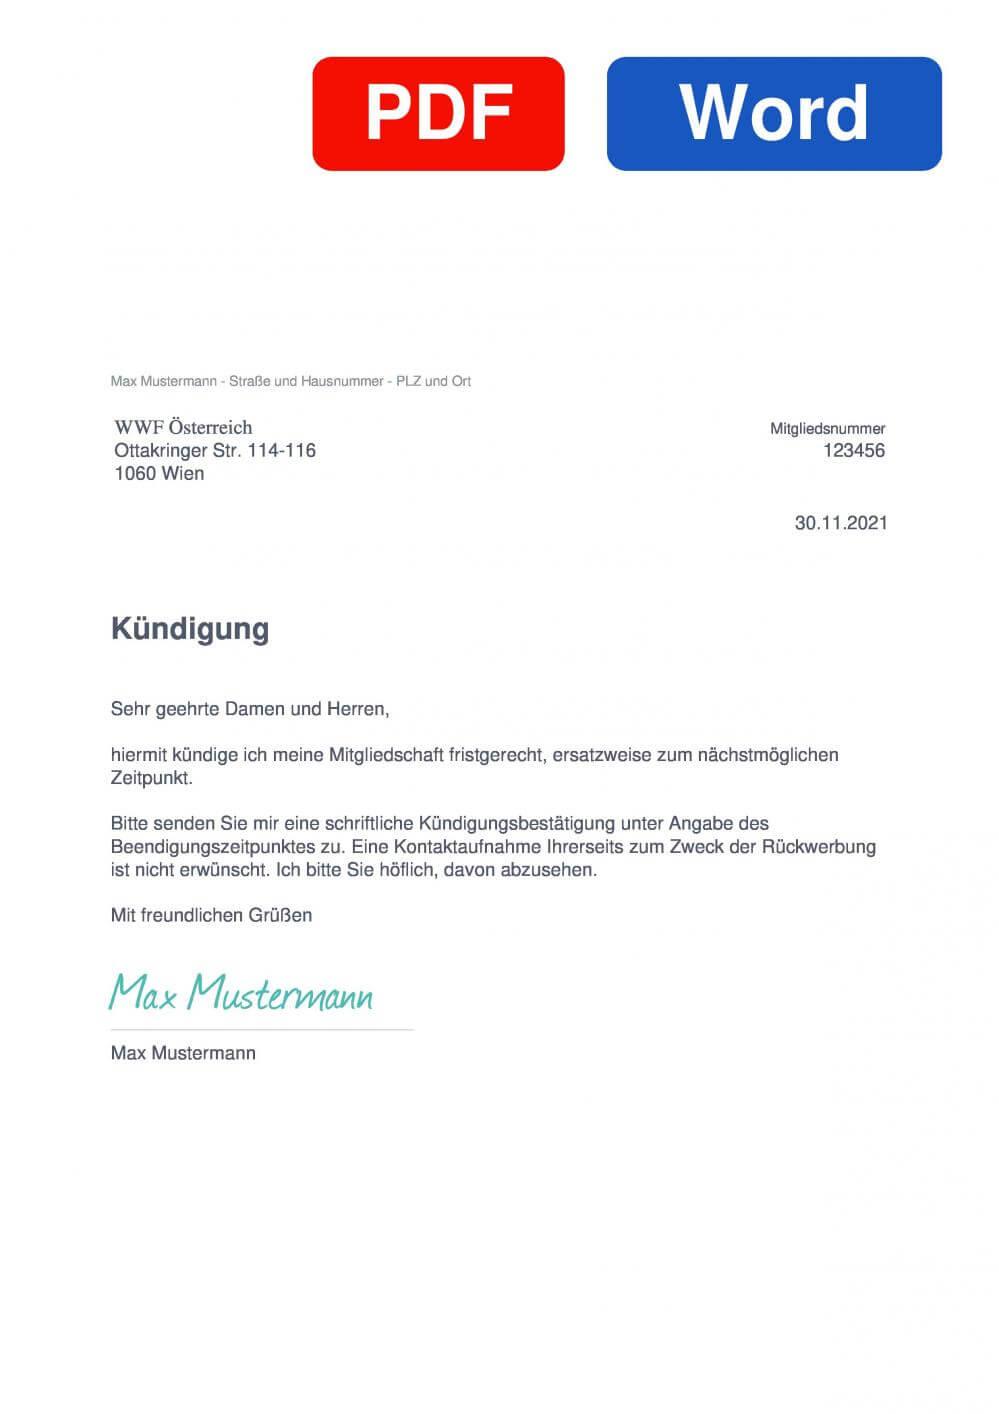 WWF Österreich Muster Vorlage für Kündigungsschreiben